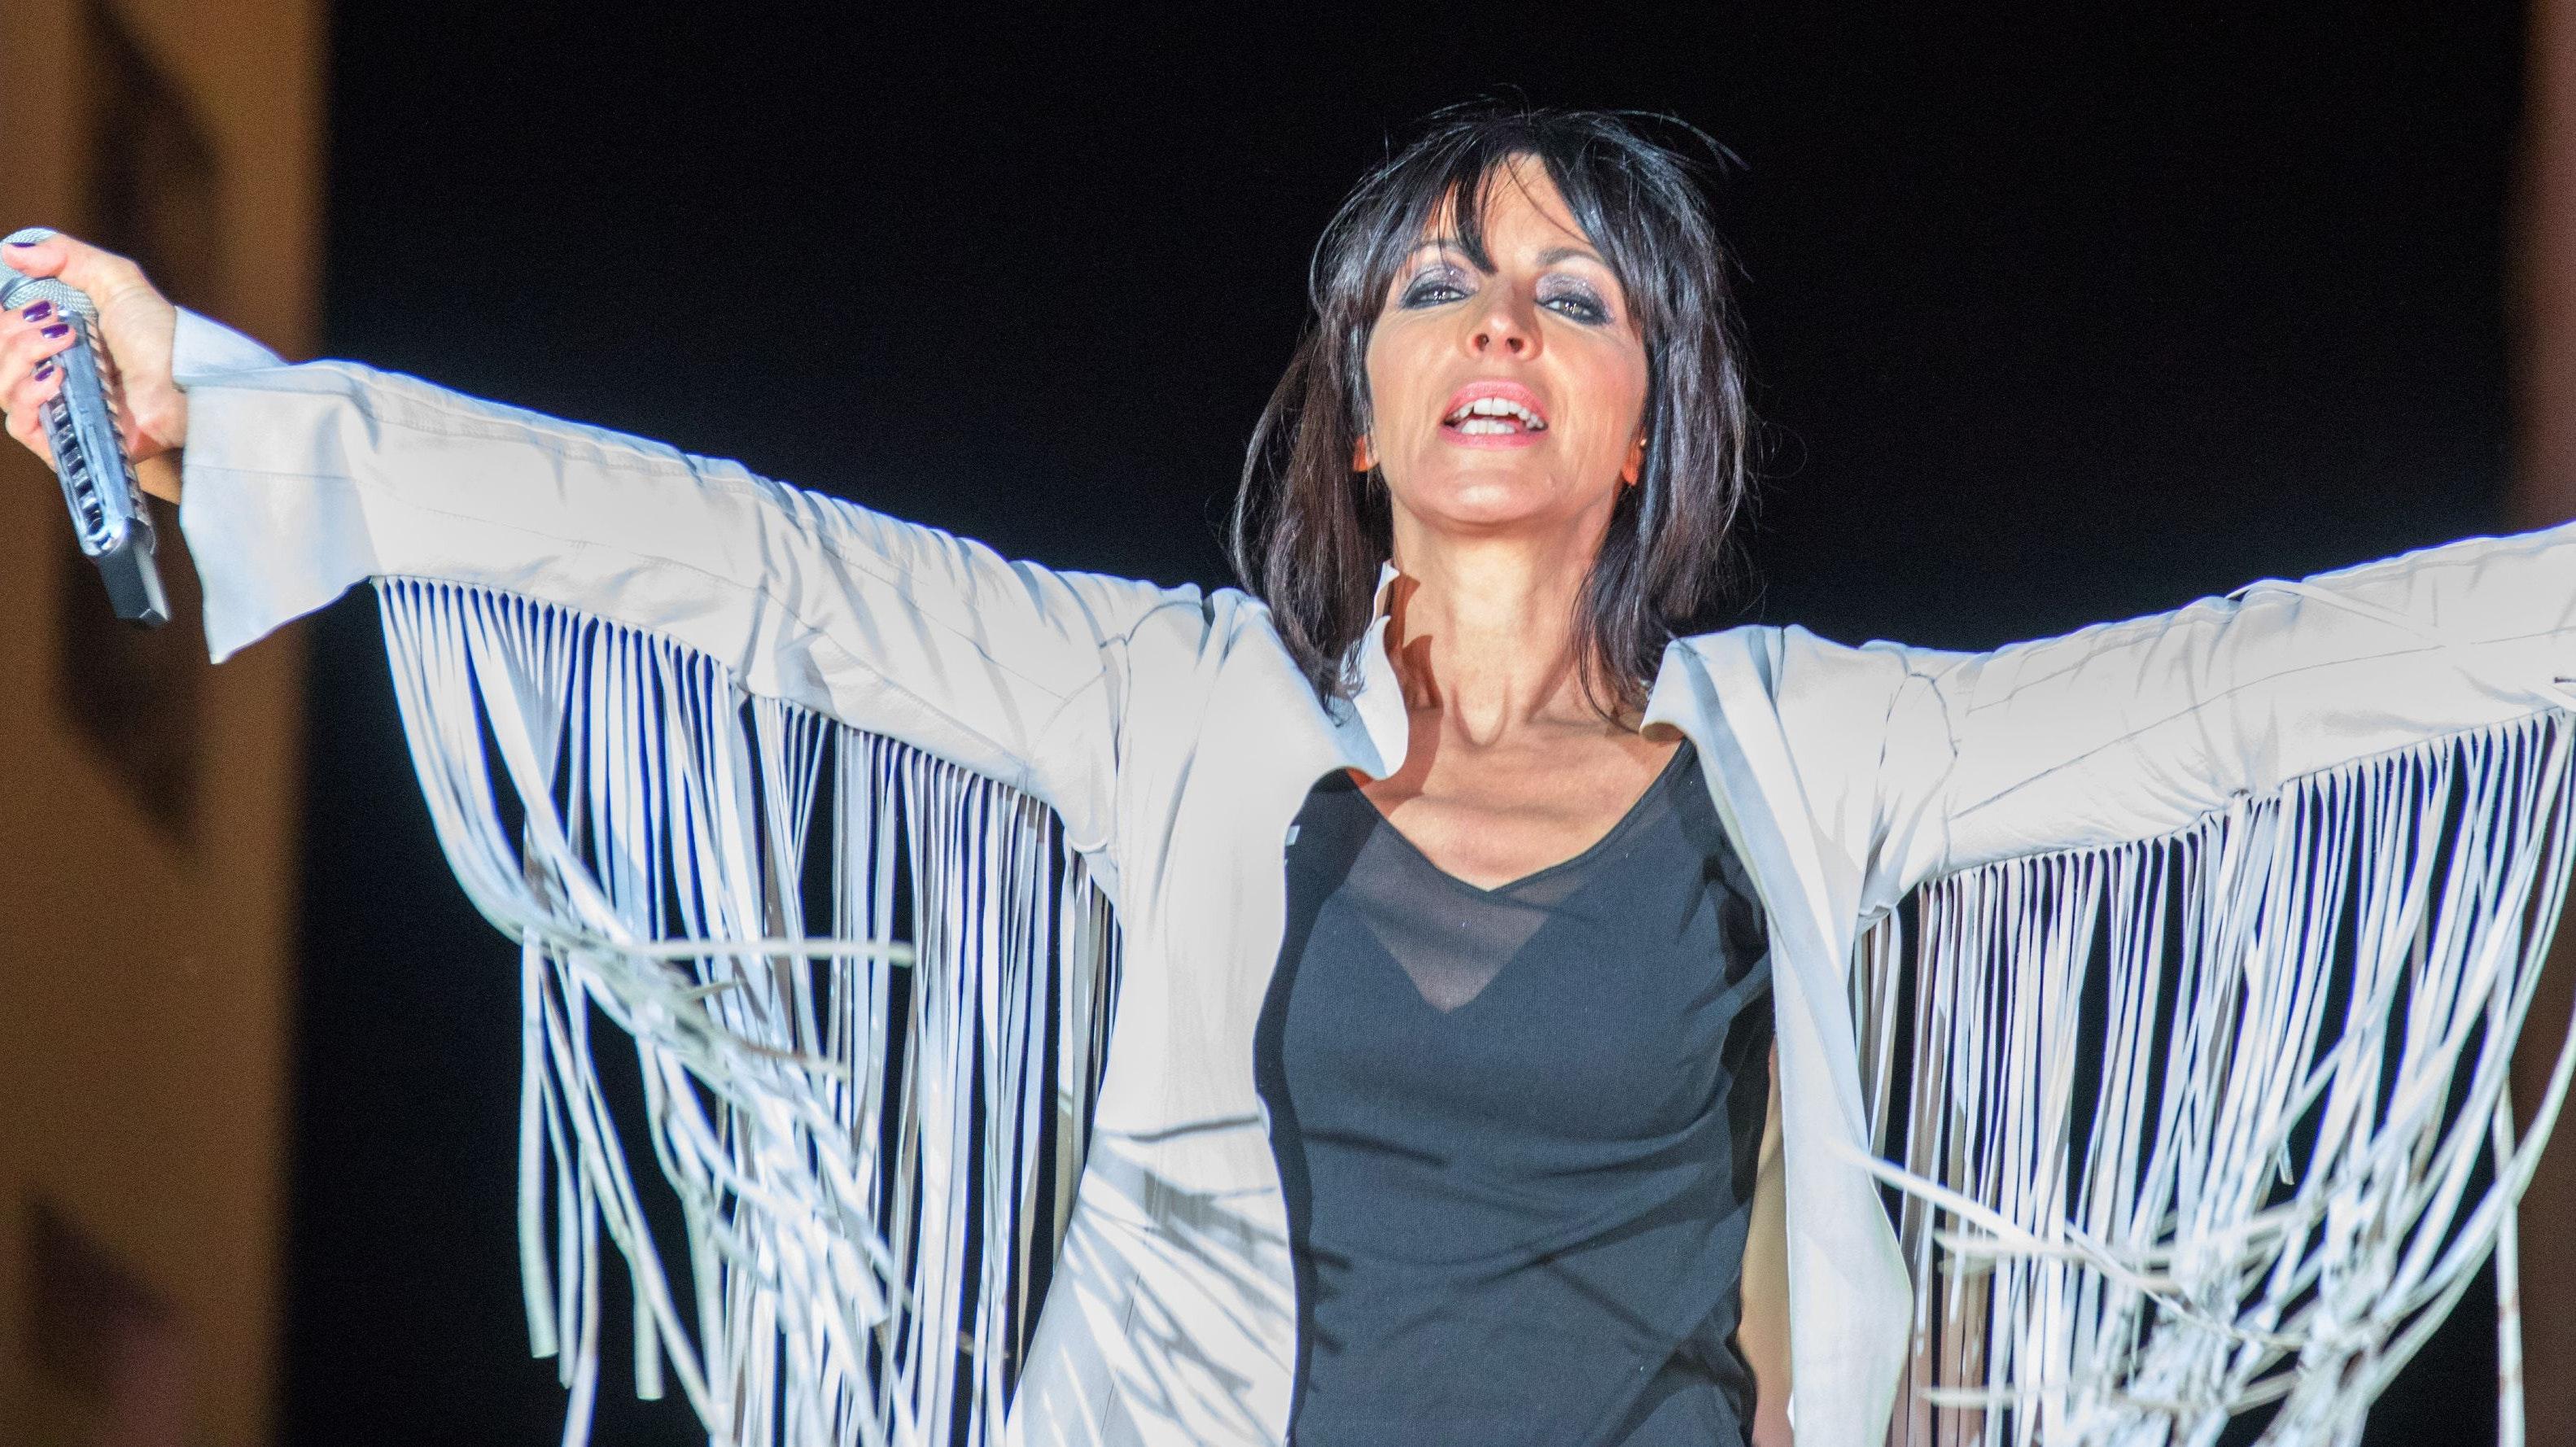 Steht wegen Solidarisierungen mit Corona-Leugnern und Verschwörungstheoretikern in der Kritik: Sängerin Nena. Foto: dpa/Büttner